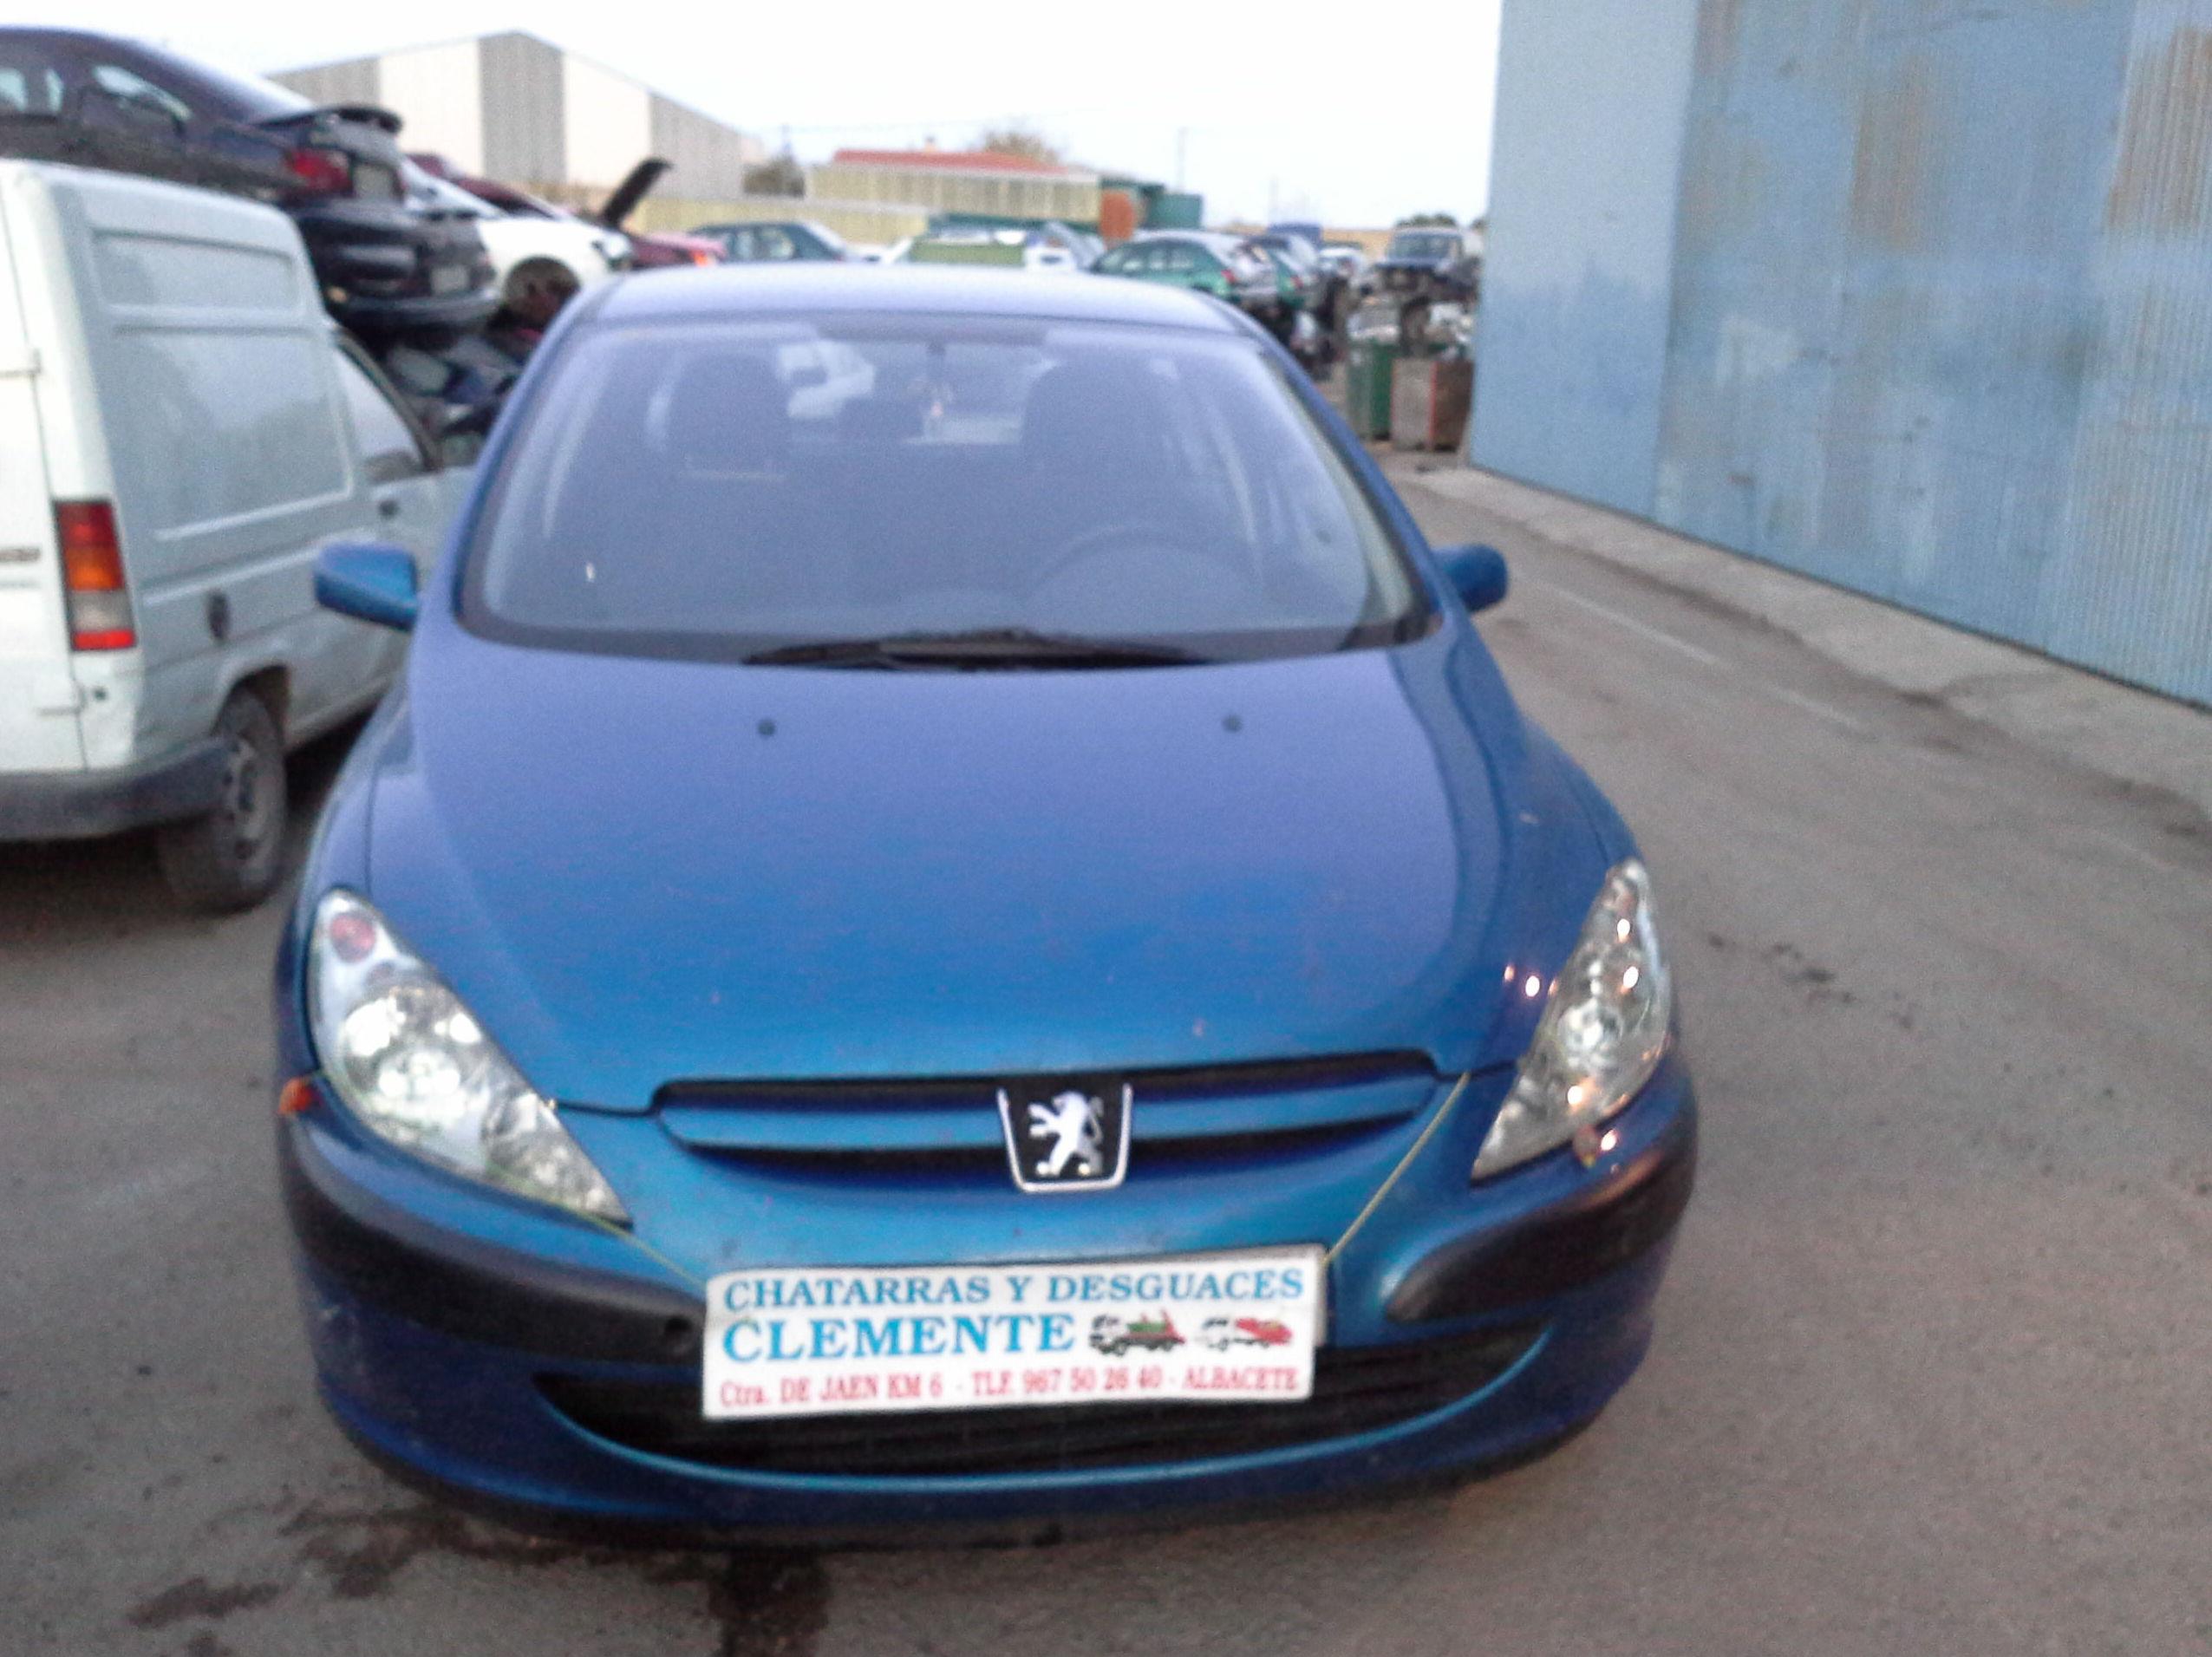 Peugeot 307 para desguace en Desguaces Clemente de Albacete